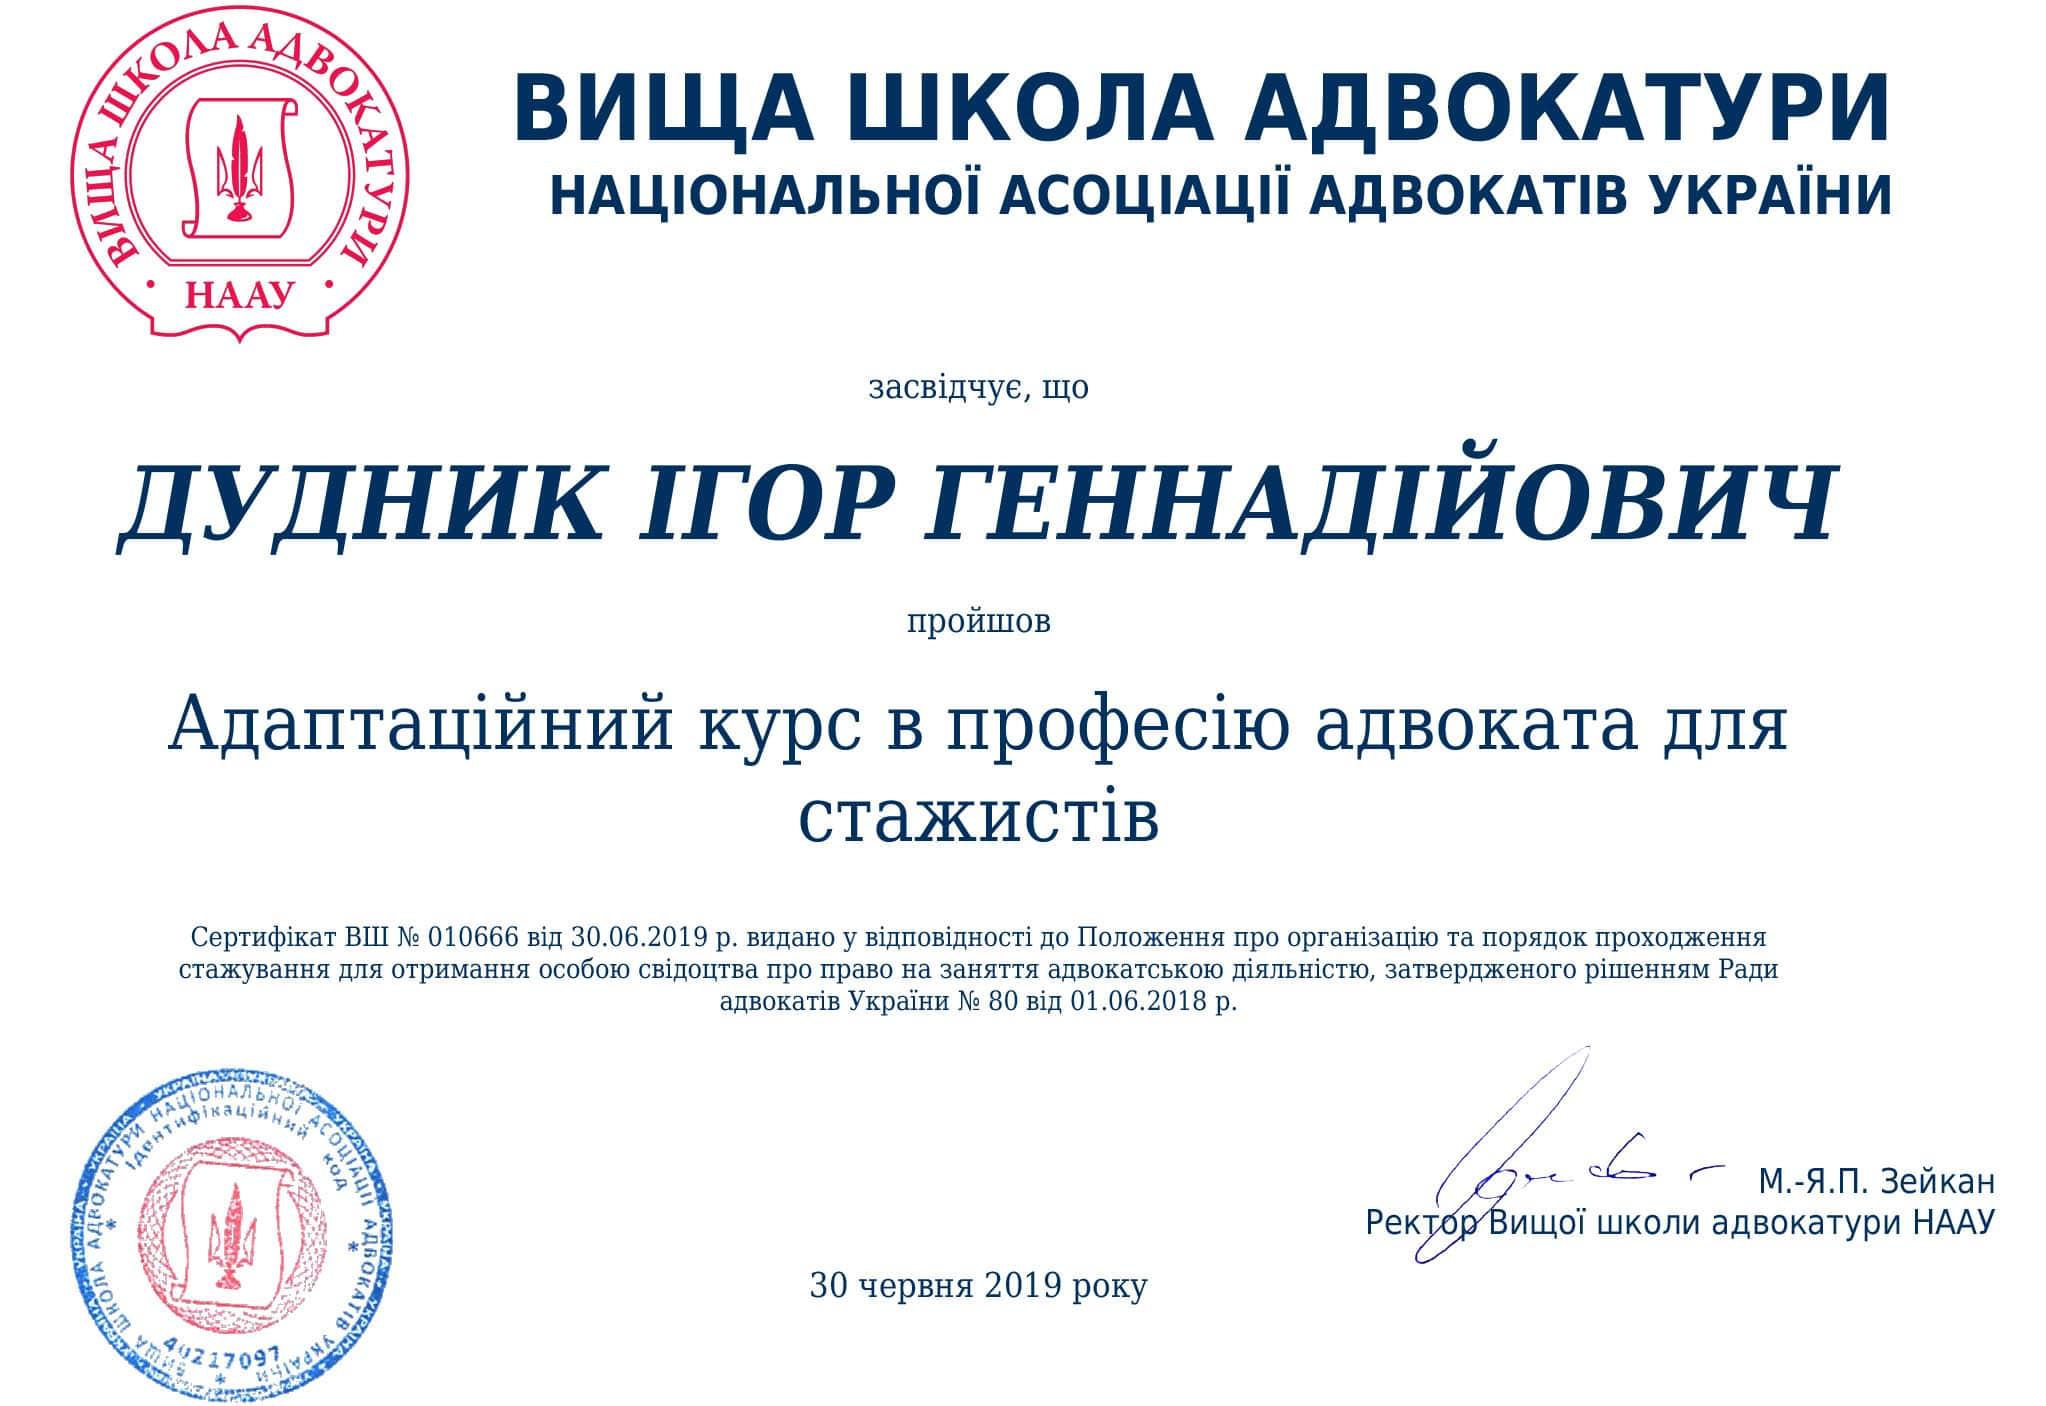 Сертифікат національної асоціації адвокатів України. Адвокат Дудник Ігор Геннадійович